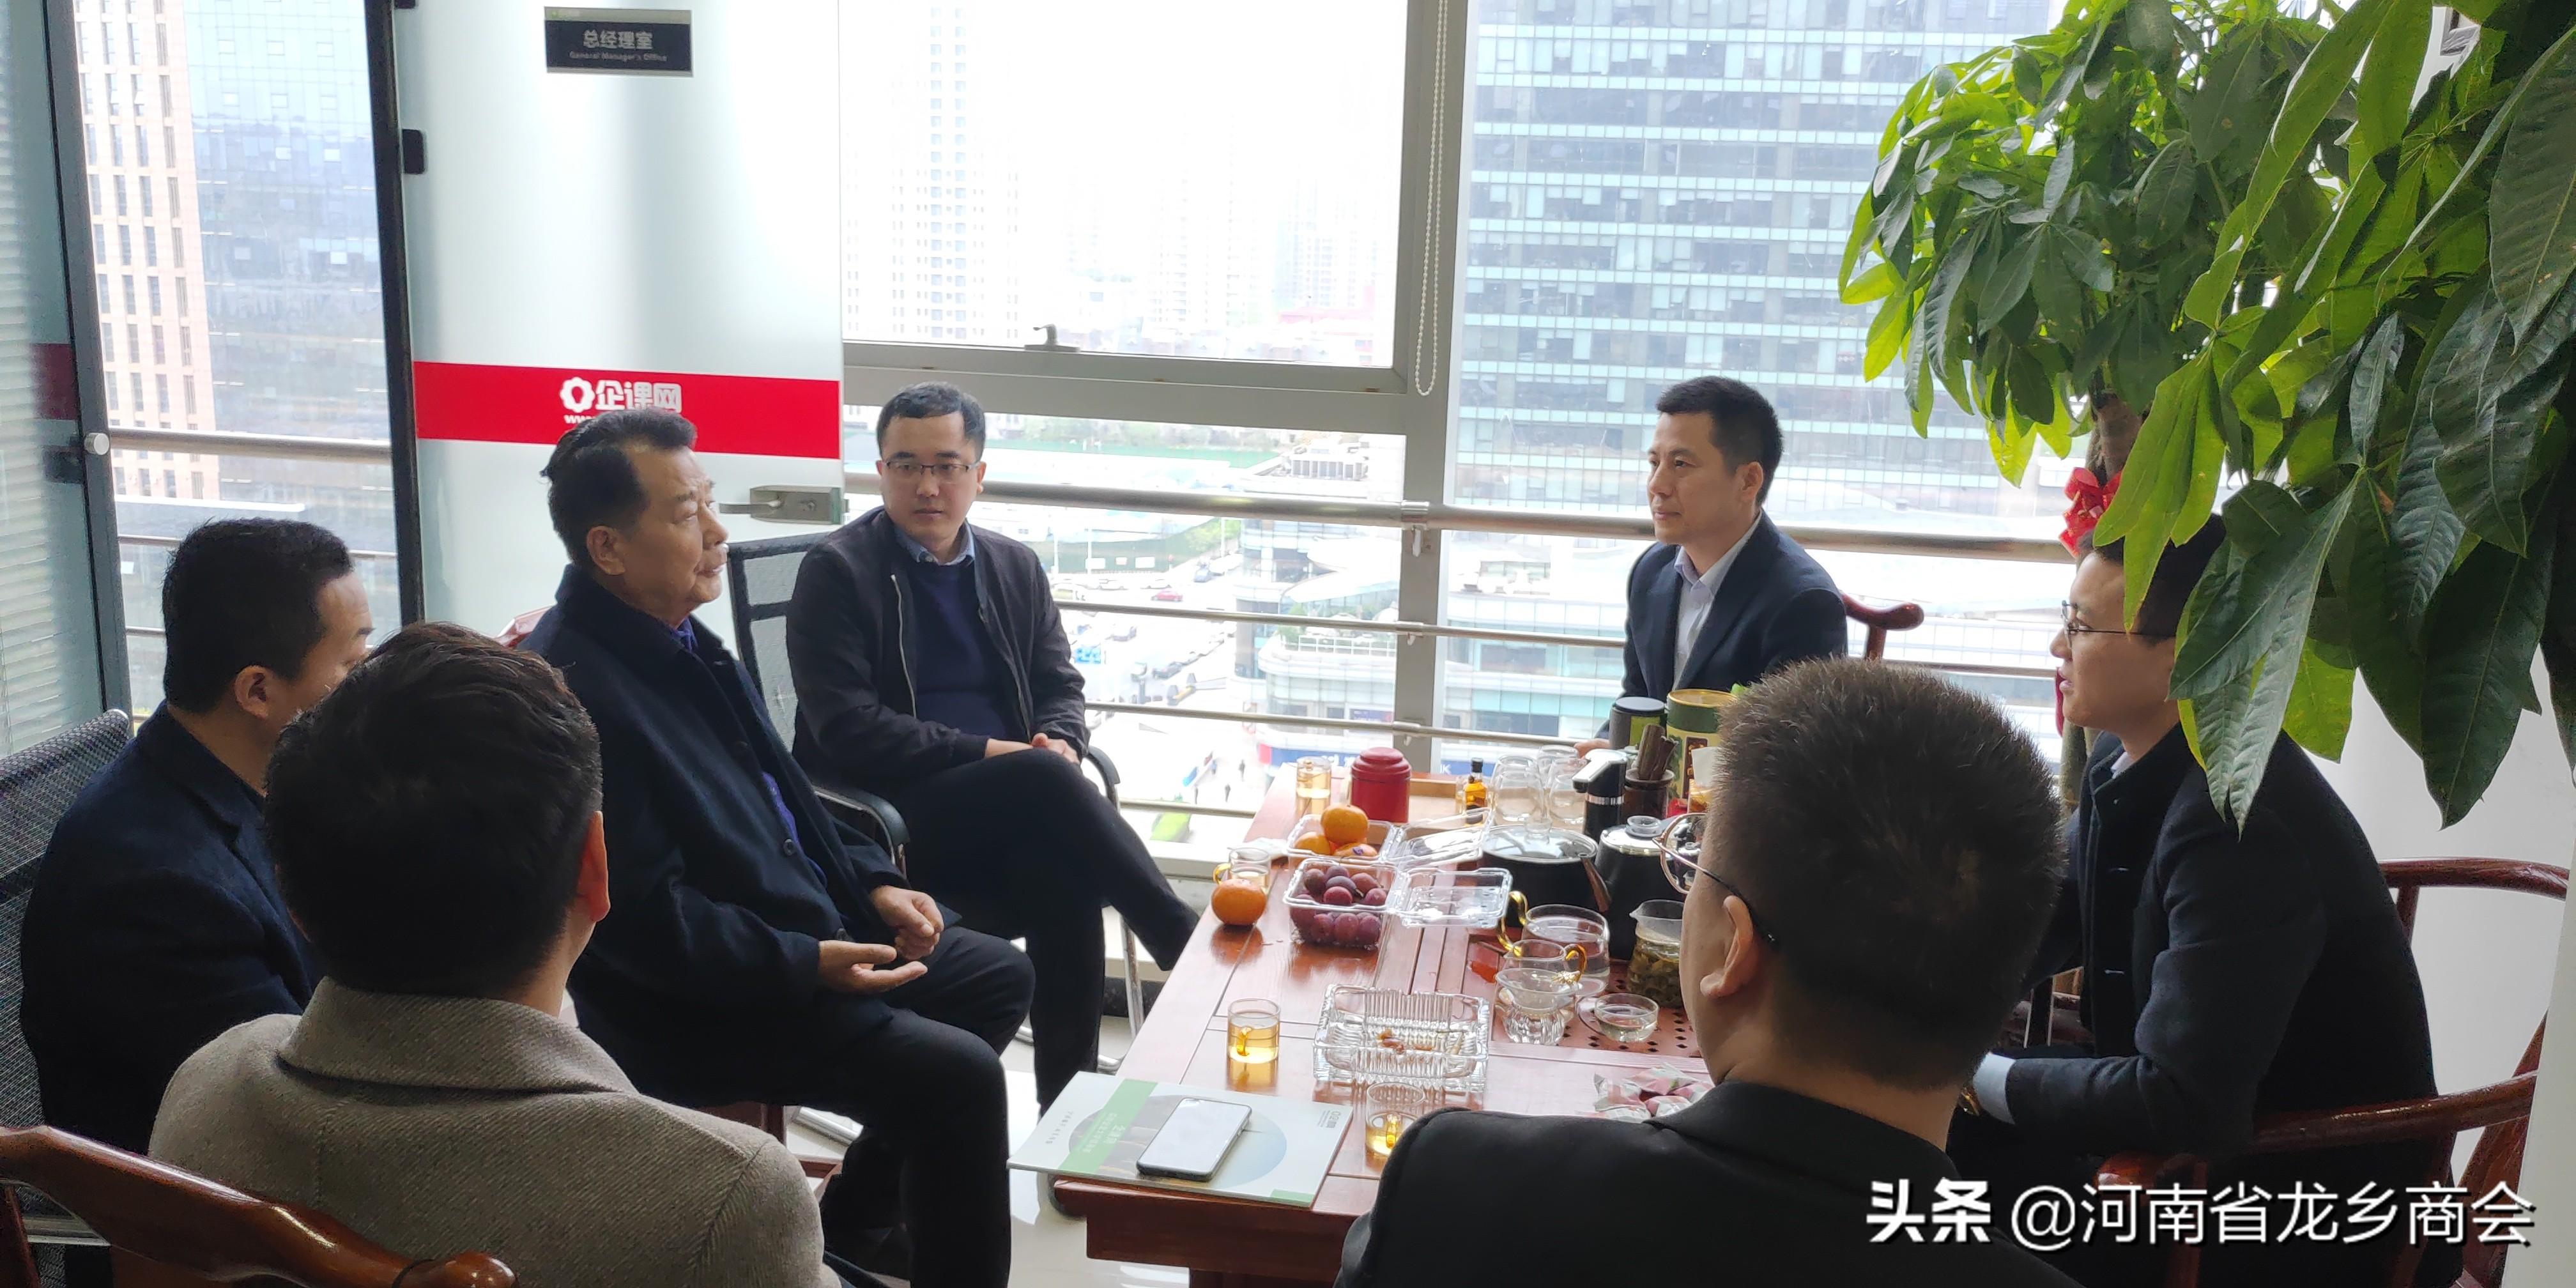 河南省龙乡商会秘书处走访企课网河南分公司